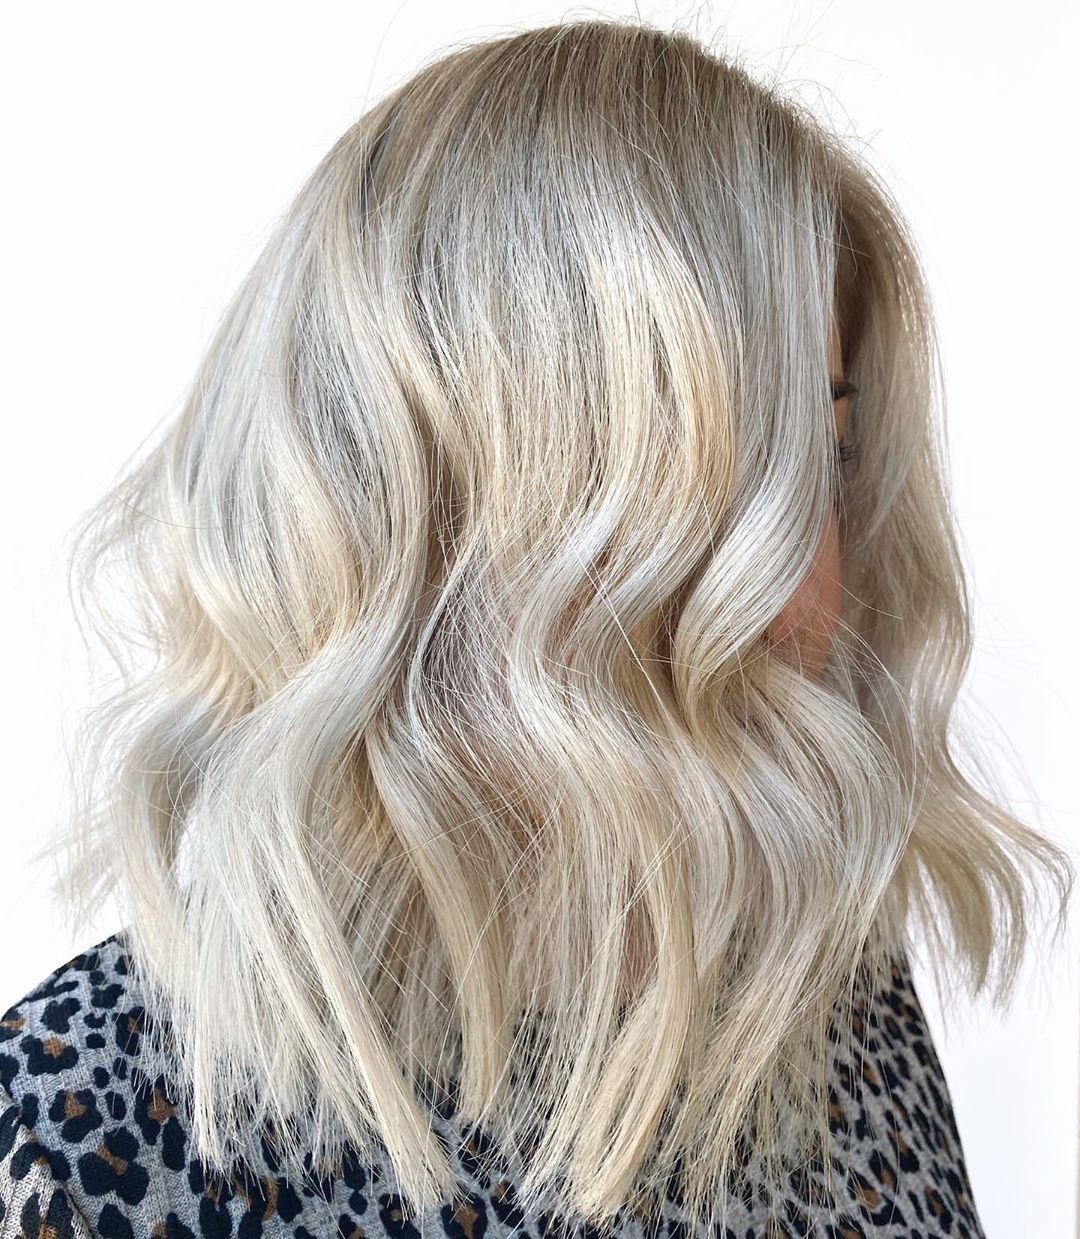 Bright blonde refresh for this lovely client! . . . . . #hairinspo #hairstylist #camdensalon #lovelocalcamden #blonde #blondeinspo #olaplexsalon #olaplex #brightblonde #maneaddicts #melbournehairblogger #camdenbought #haircut #wavyhair #livedinblonde #hairstyle #macarthurhair #blondespecialist #balayage #balayageblonde #sydneyhair #inebryaaus #americansalon #elevenaus #evyaus #brightblonde #platinumblonde